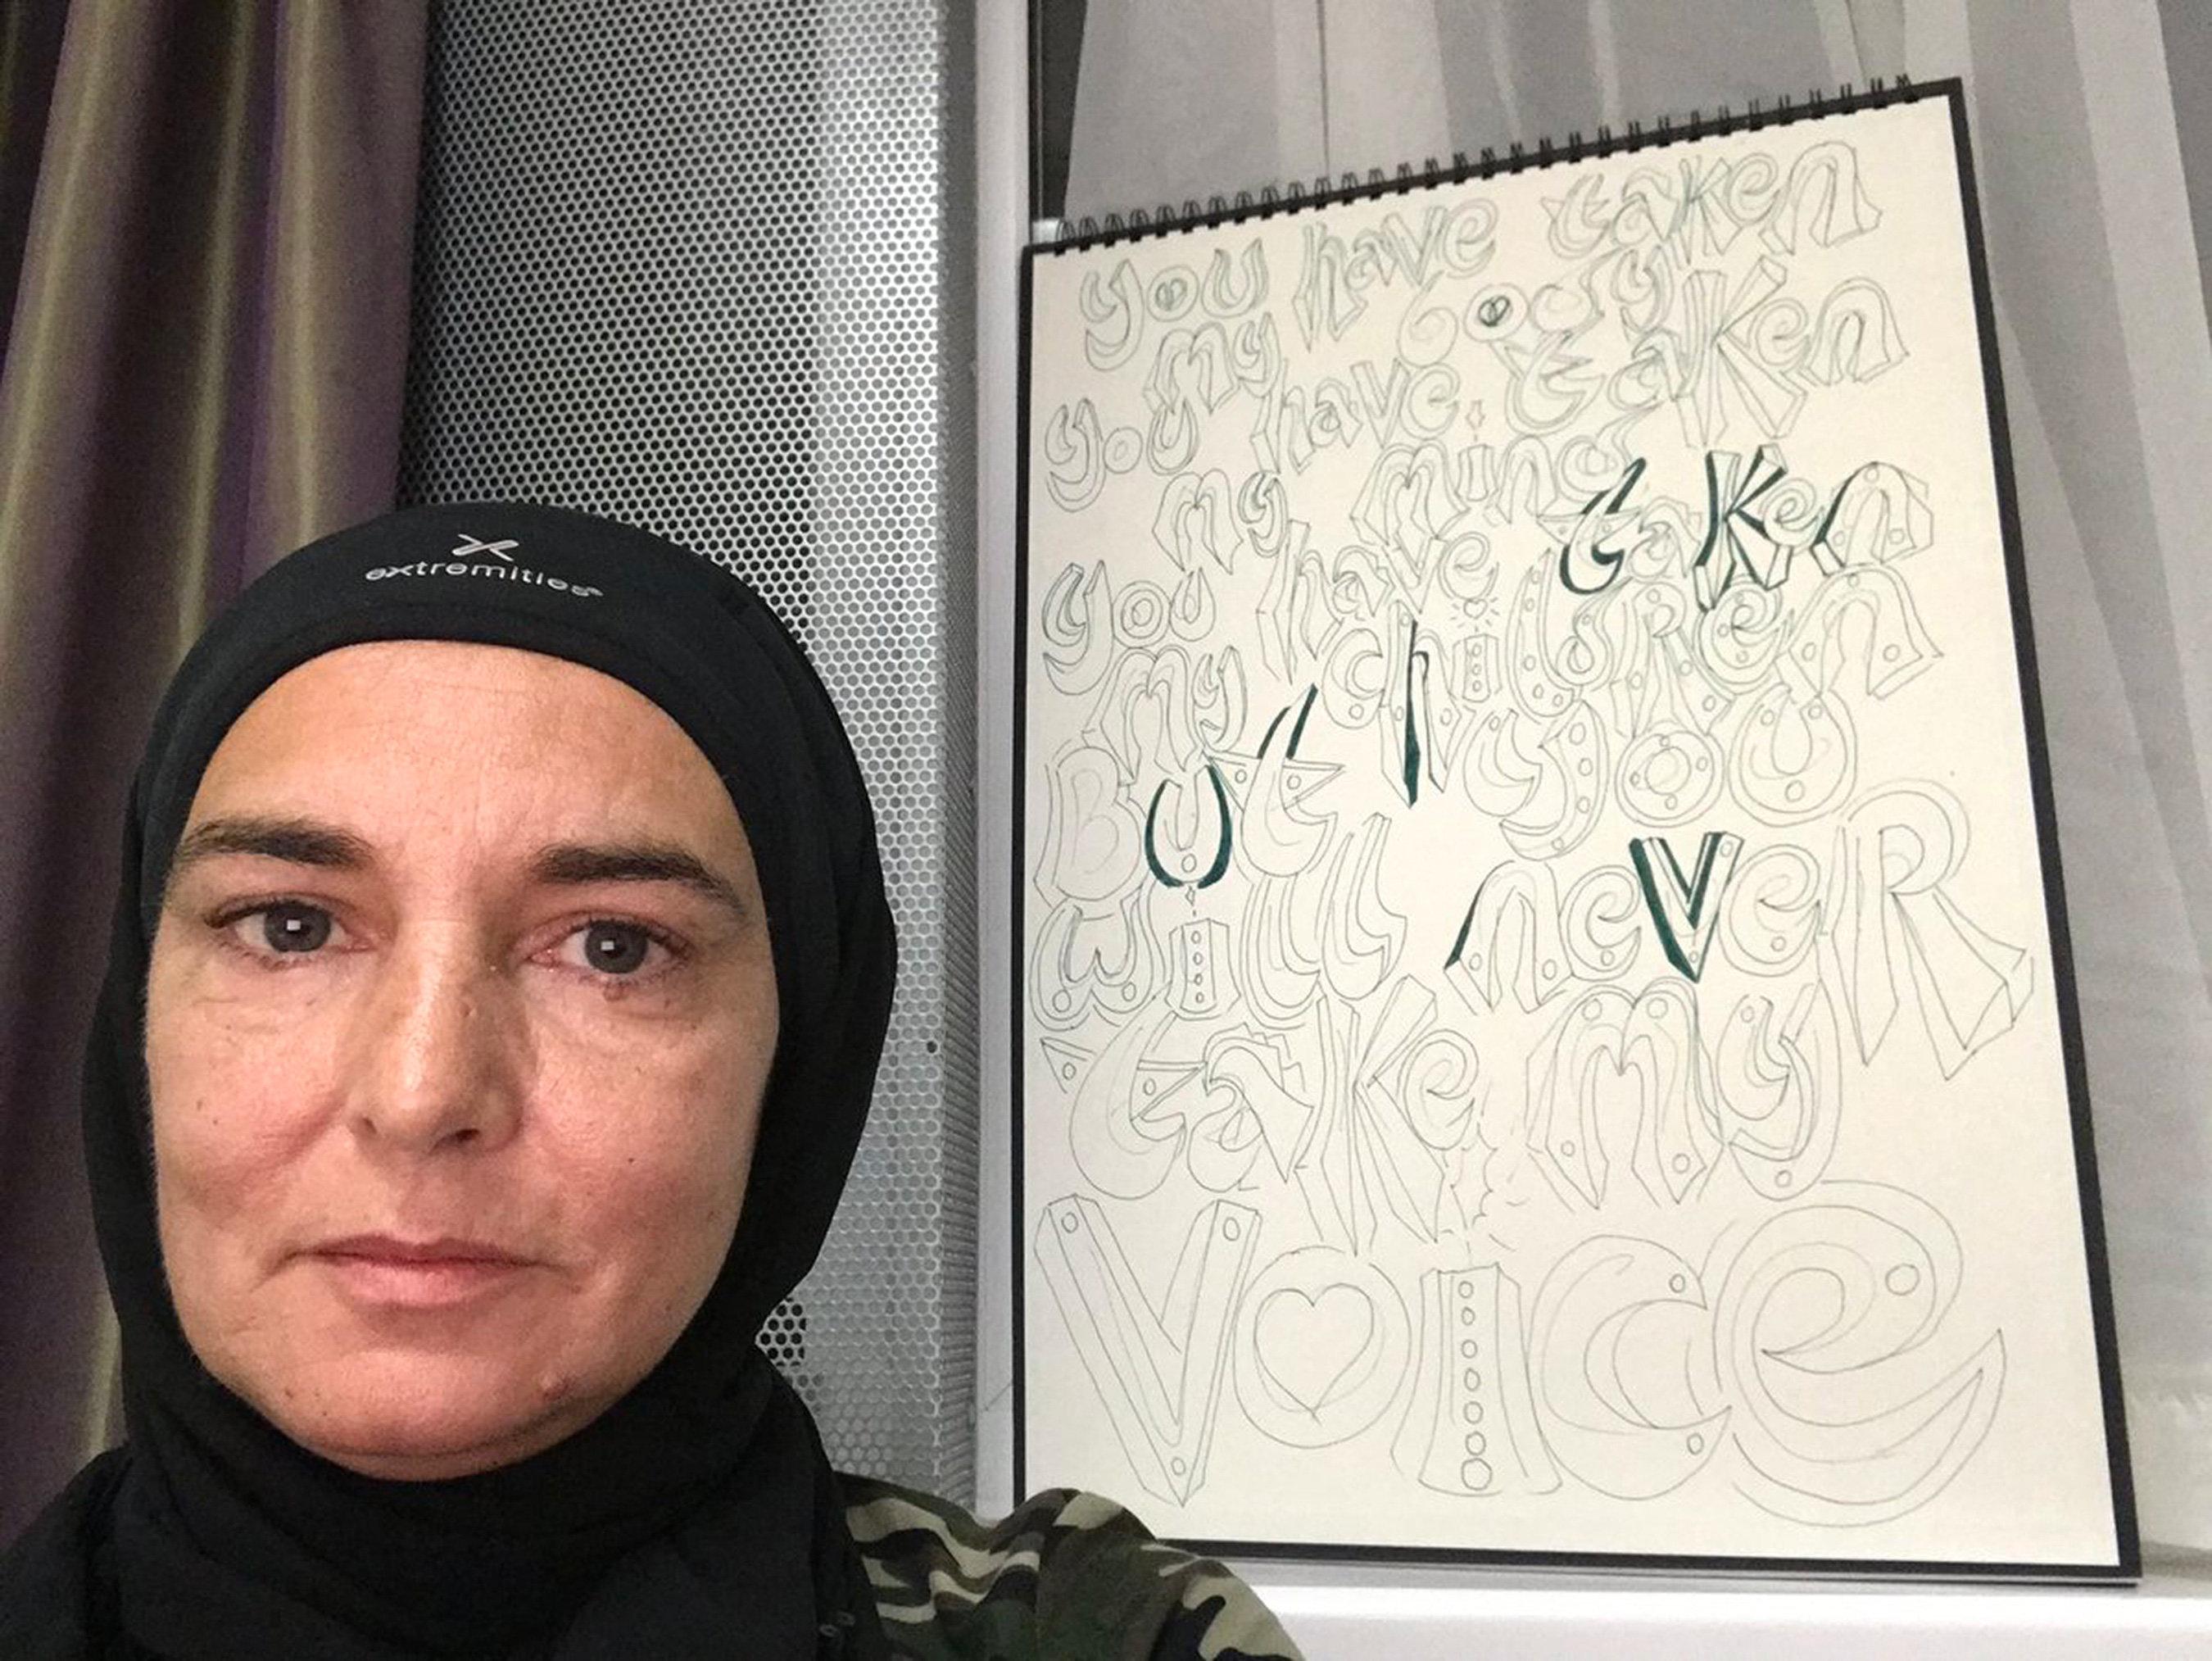 Την αναγνωρίζετε; Είναι η Σινέντ Ο' Κόνορ που πρόσφατα ασπάστηκε το Ισλάμ